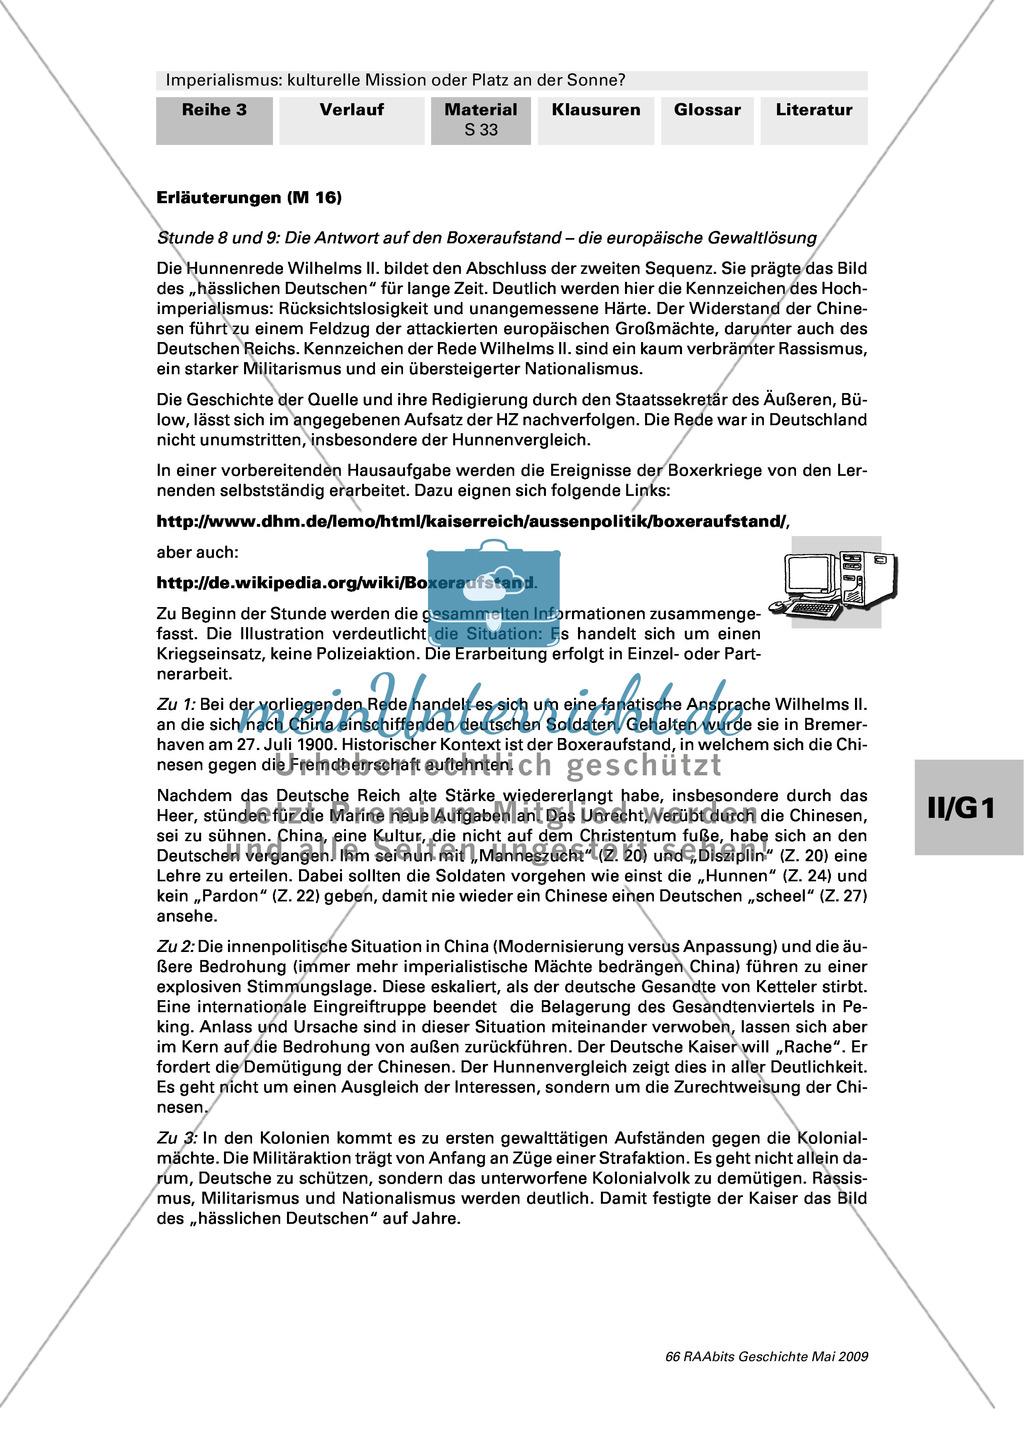 Imperialismus: Text: Hunnenrede von Kaiser Wilhelm II. vom 27. Juli 1900 + Preview 2